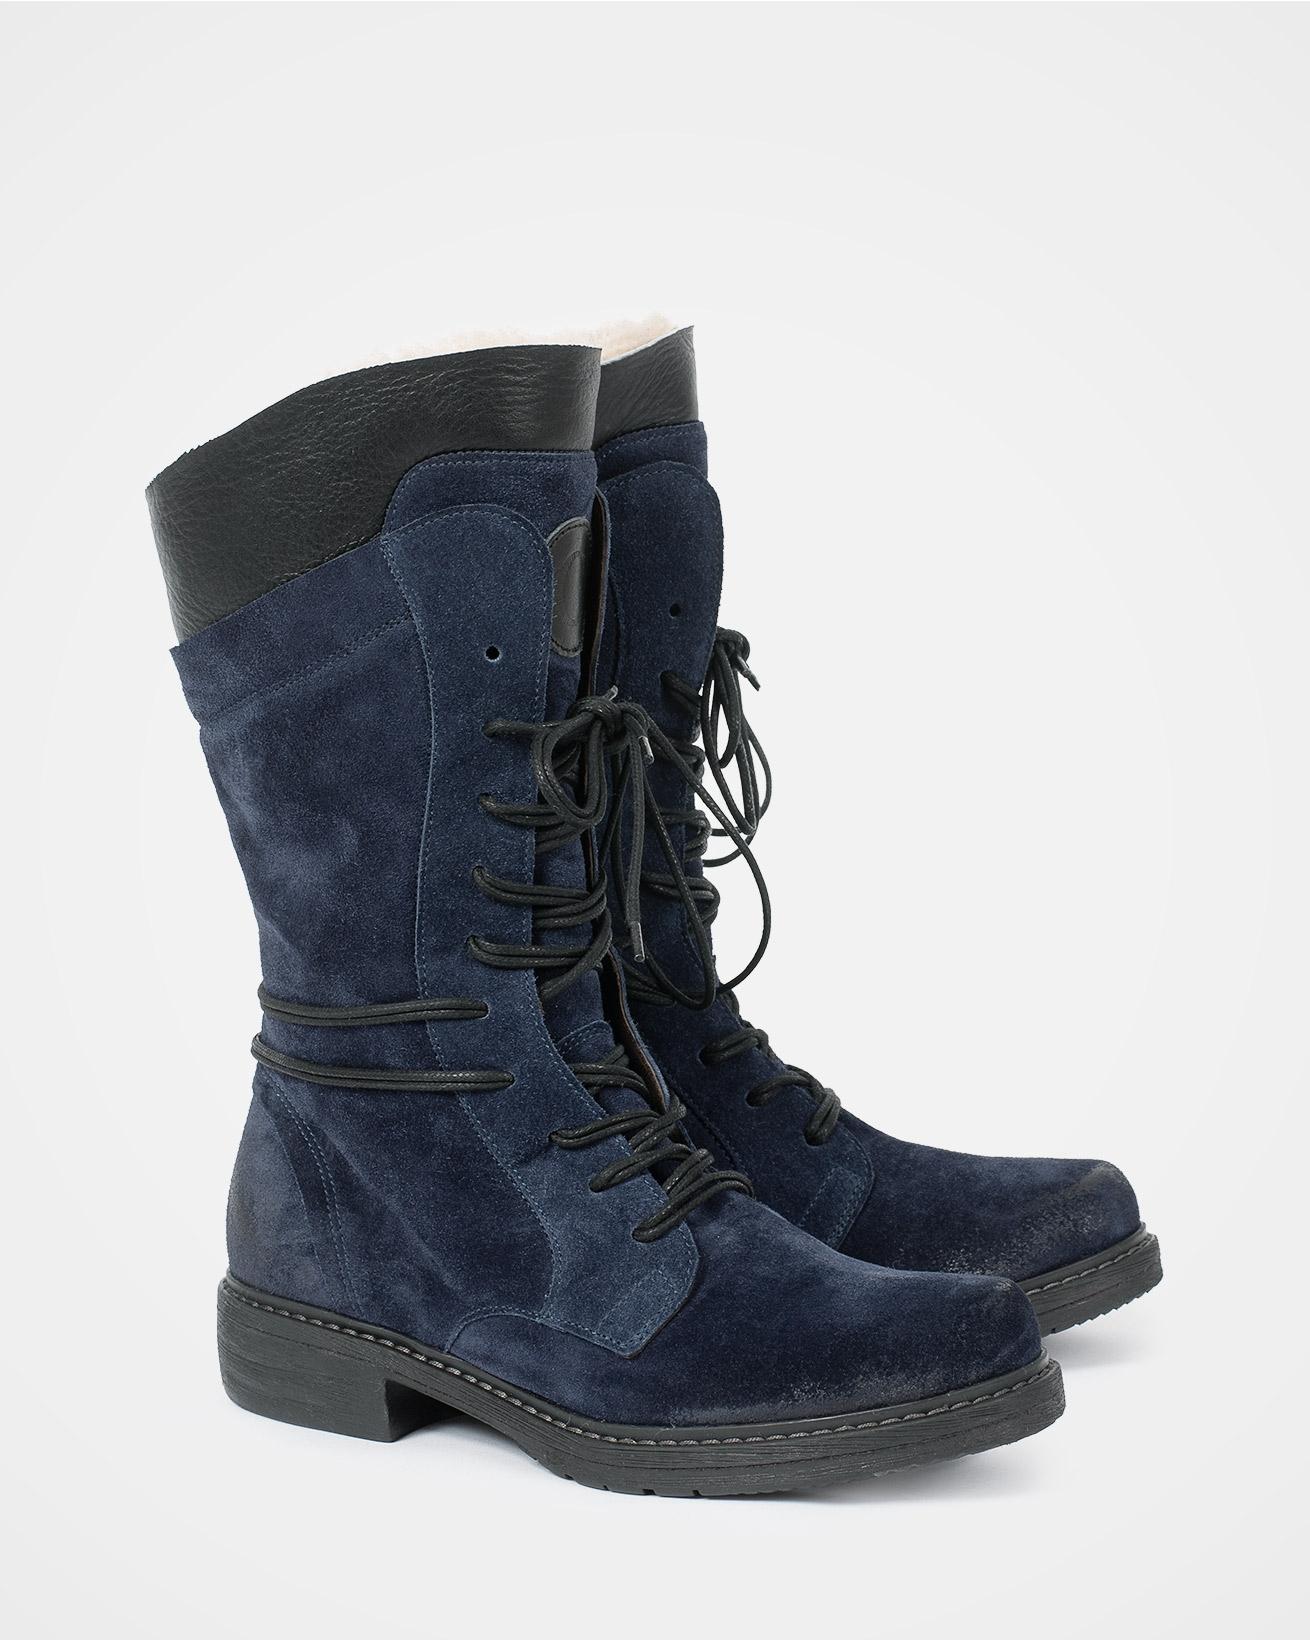 Woodsman boots - Size 37 - Navy - 1733